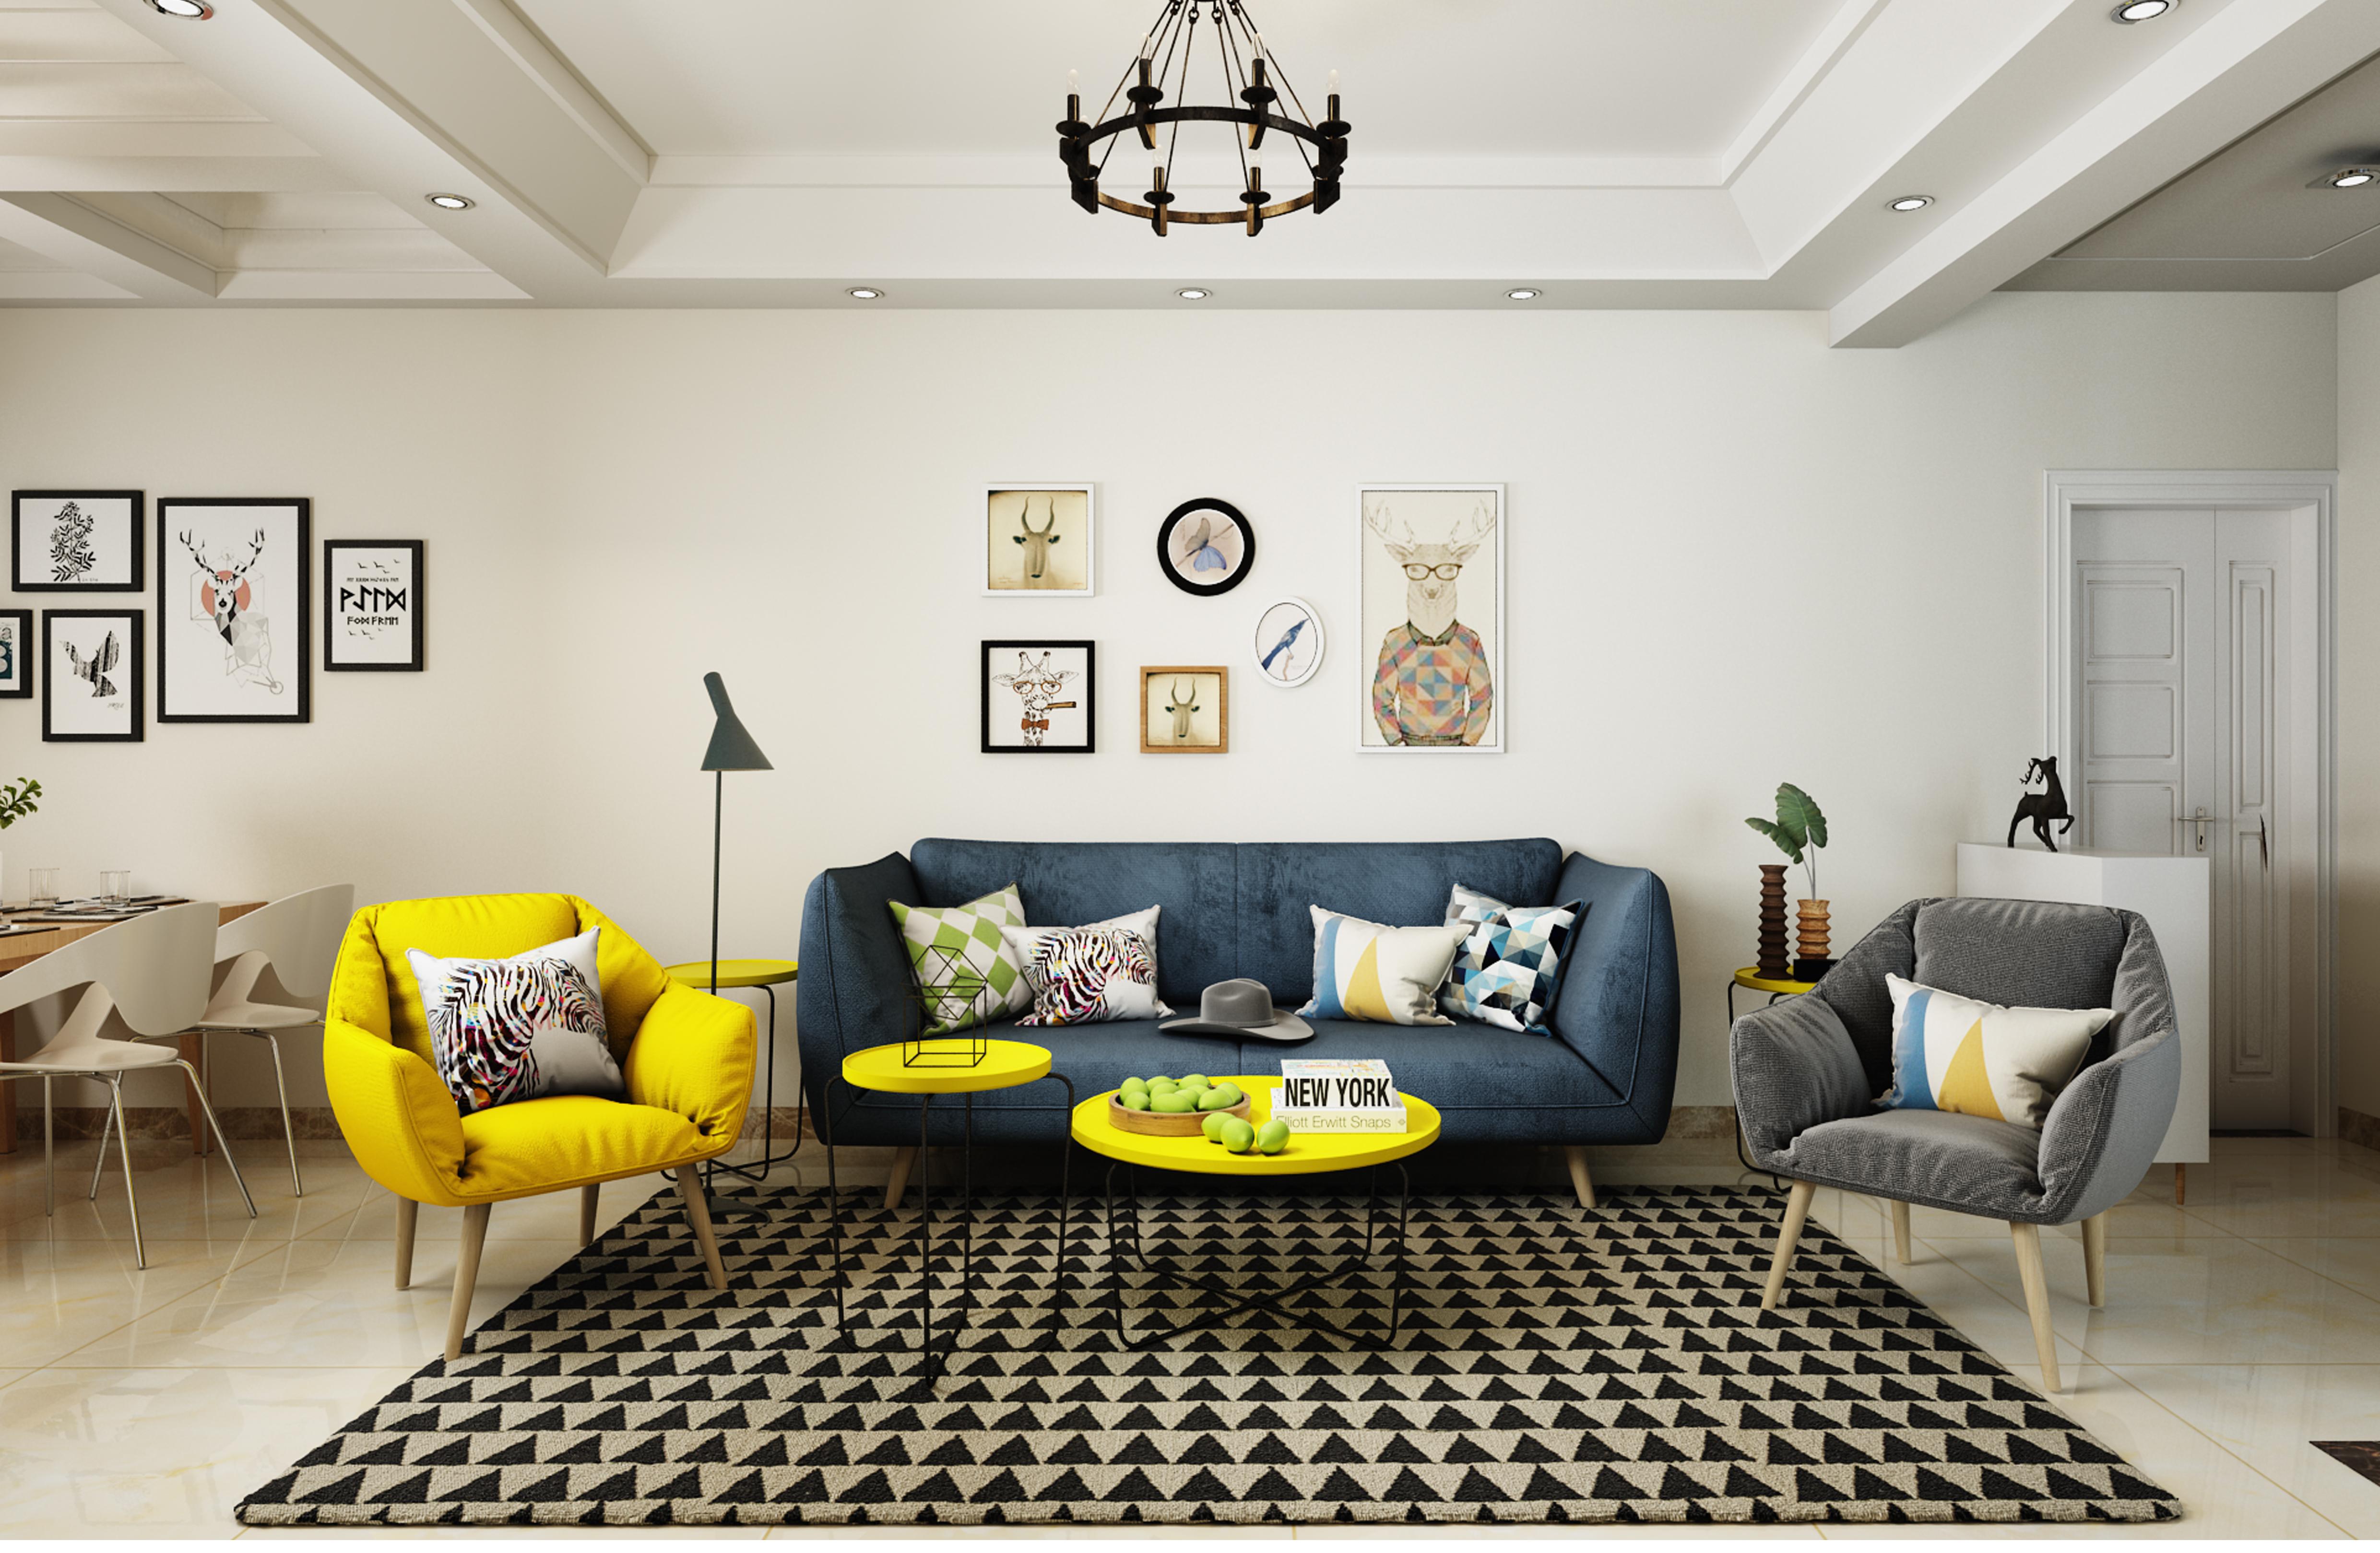 北欧|空间|室内设计|半个丶西瓜 - 原创作品 - 站酷